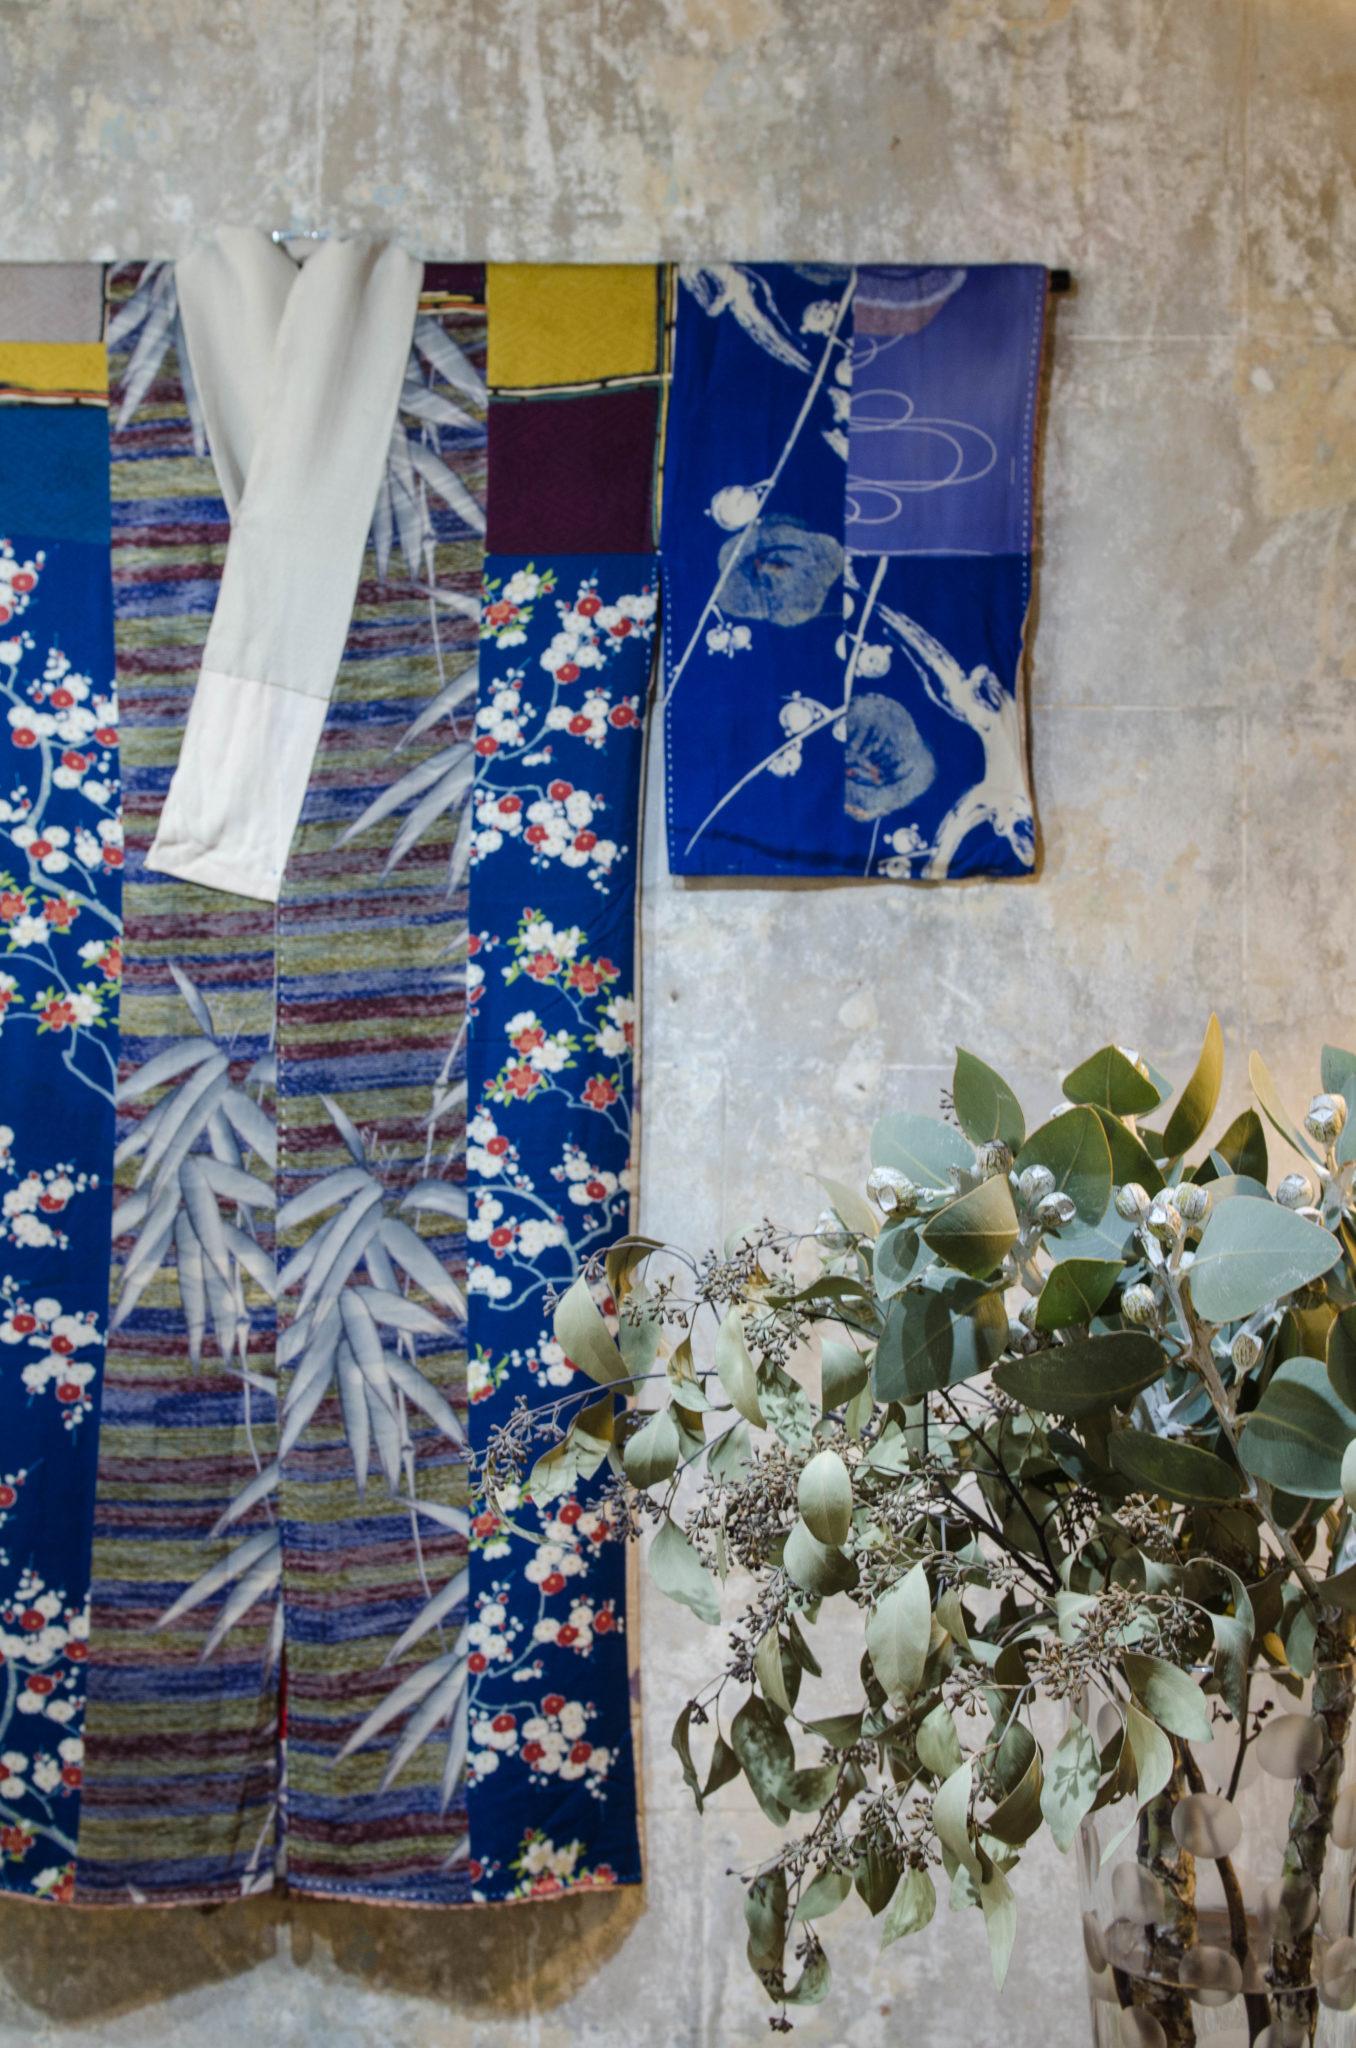 Redfern Sydney: In einer Seitengasse werden Kimonos aus Japan verkauft